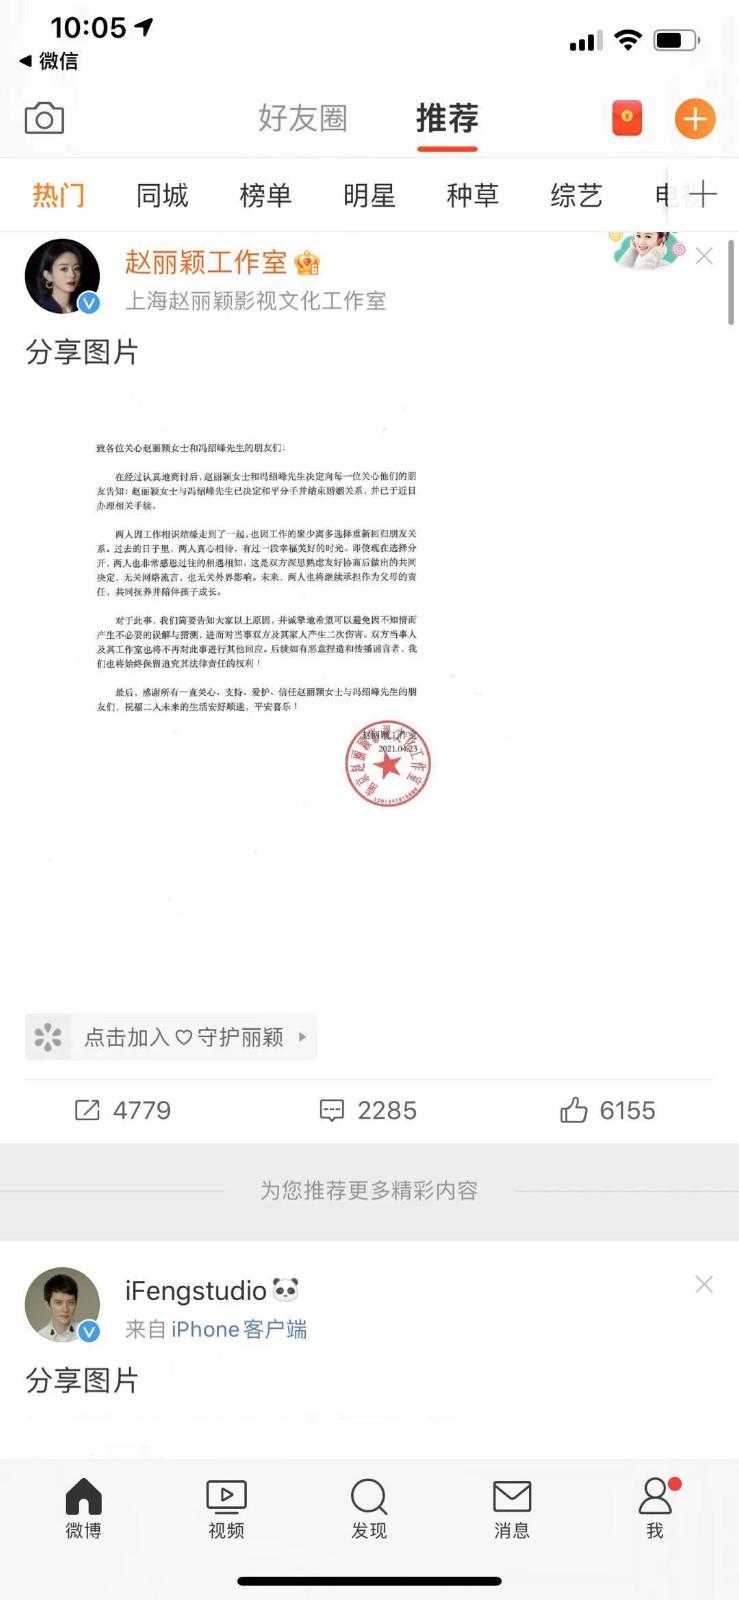 冯绍峰和赵丽颖离婚了,娱乐圈的夫妻到底还有没有真感情?